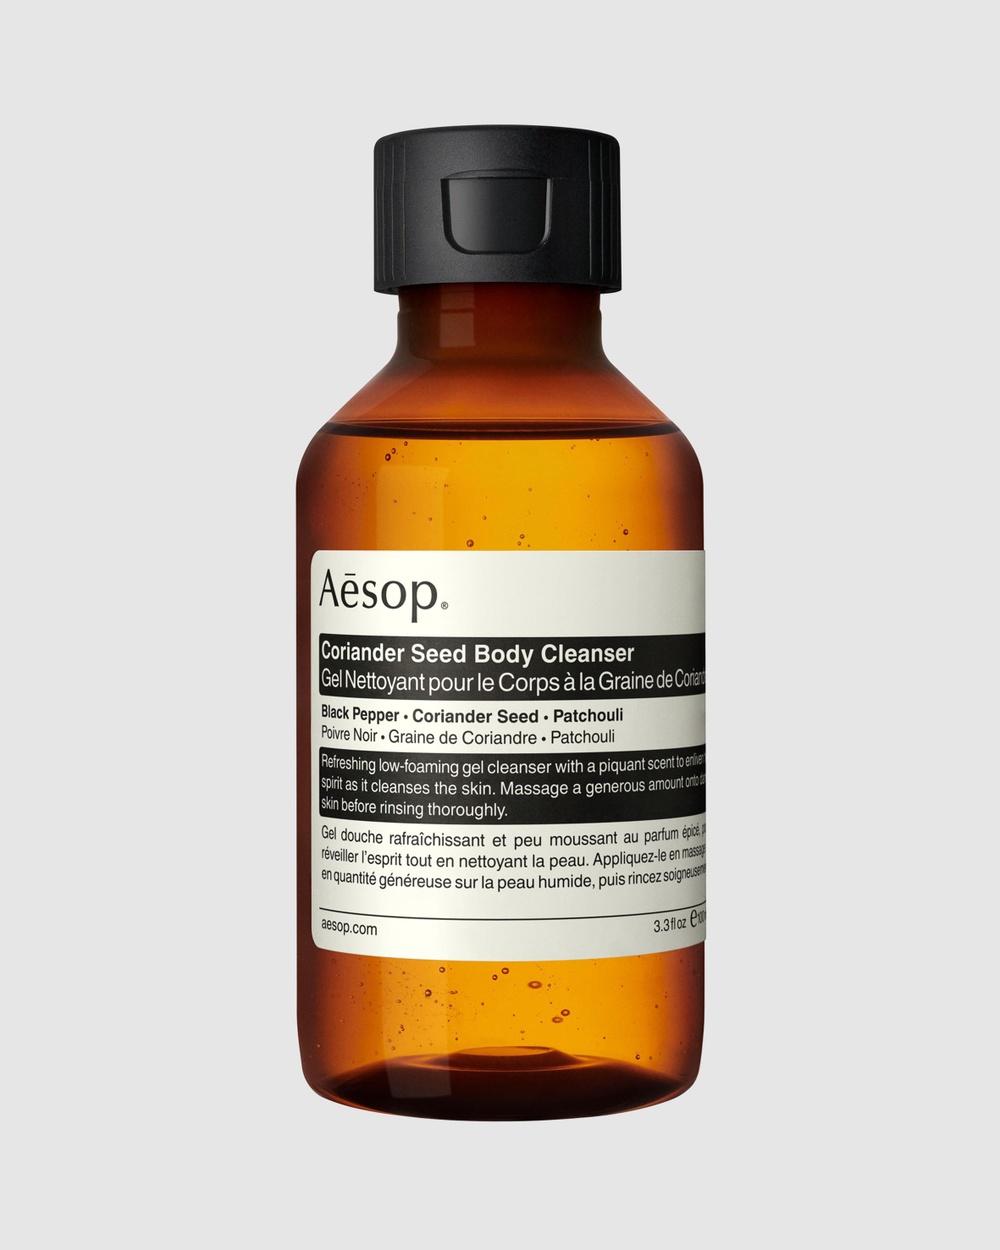 Aesop Coriander Seed Body Cleanser 100mL Beauty 100mL